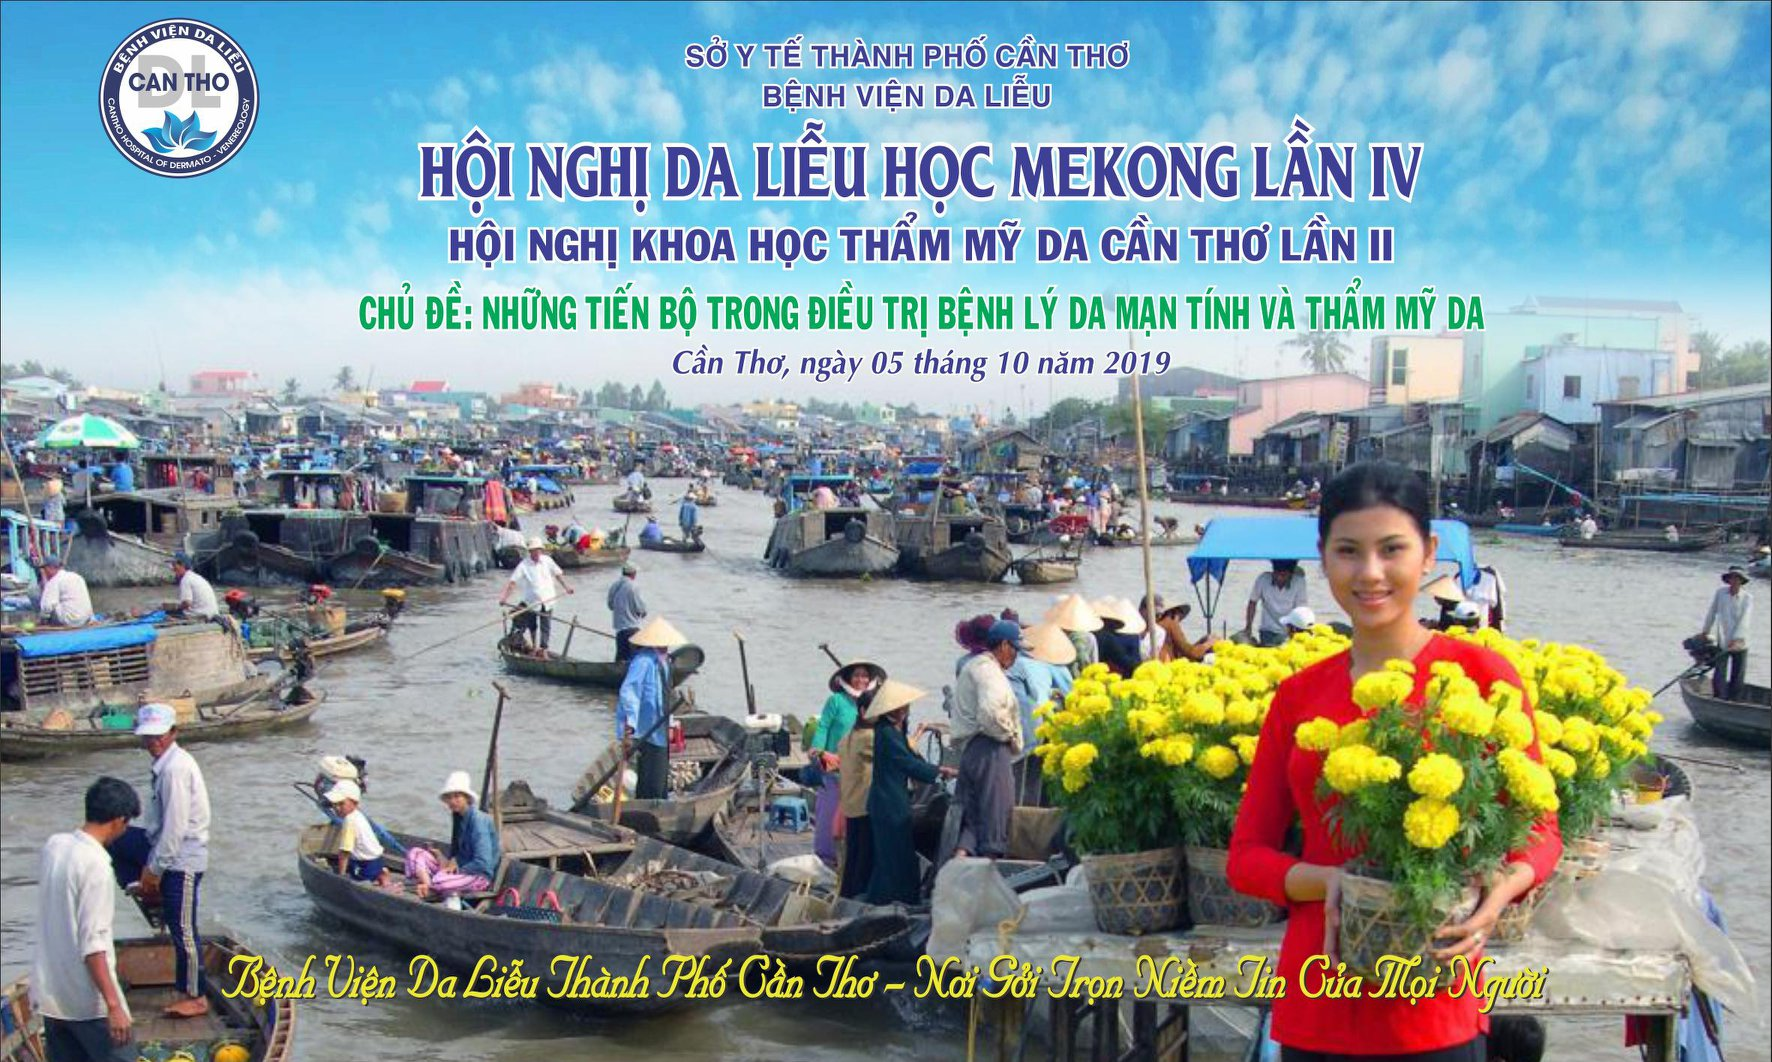 Hội nghị Da liễu học Mekong lần IV tại Cần Thơ - Hội Nghị Khoa Học Thẩm Mĩ Về Da Cần Thơ lần Thứ II